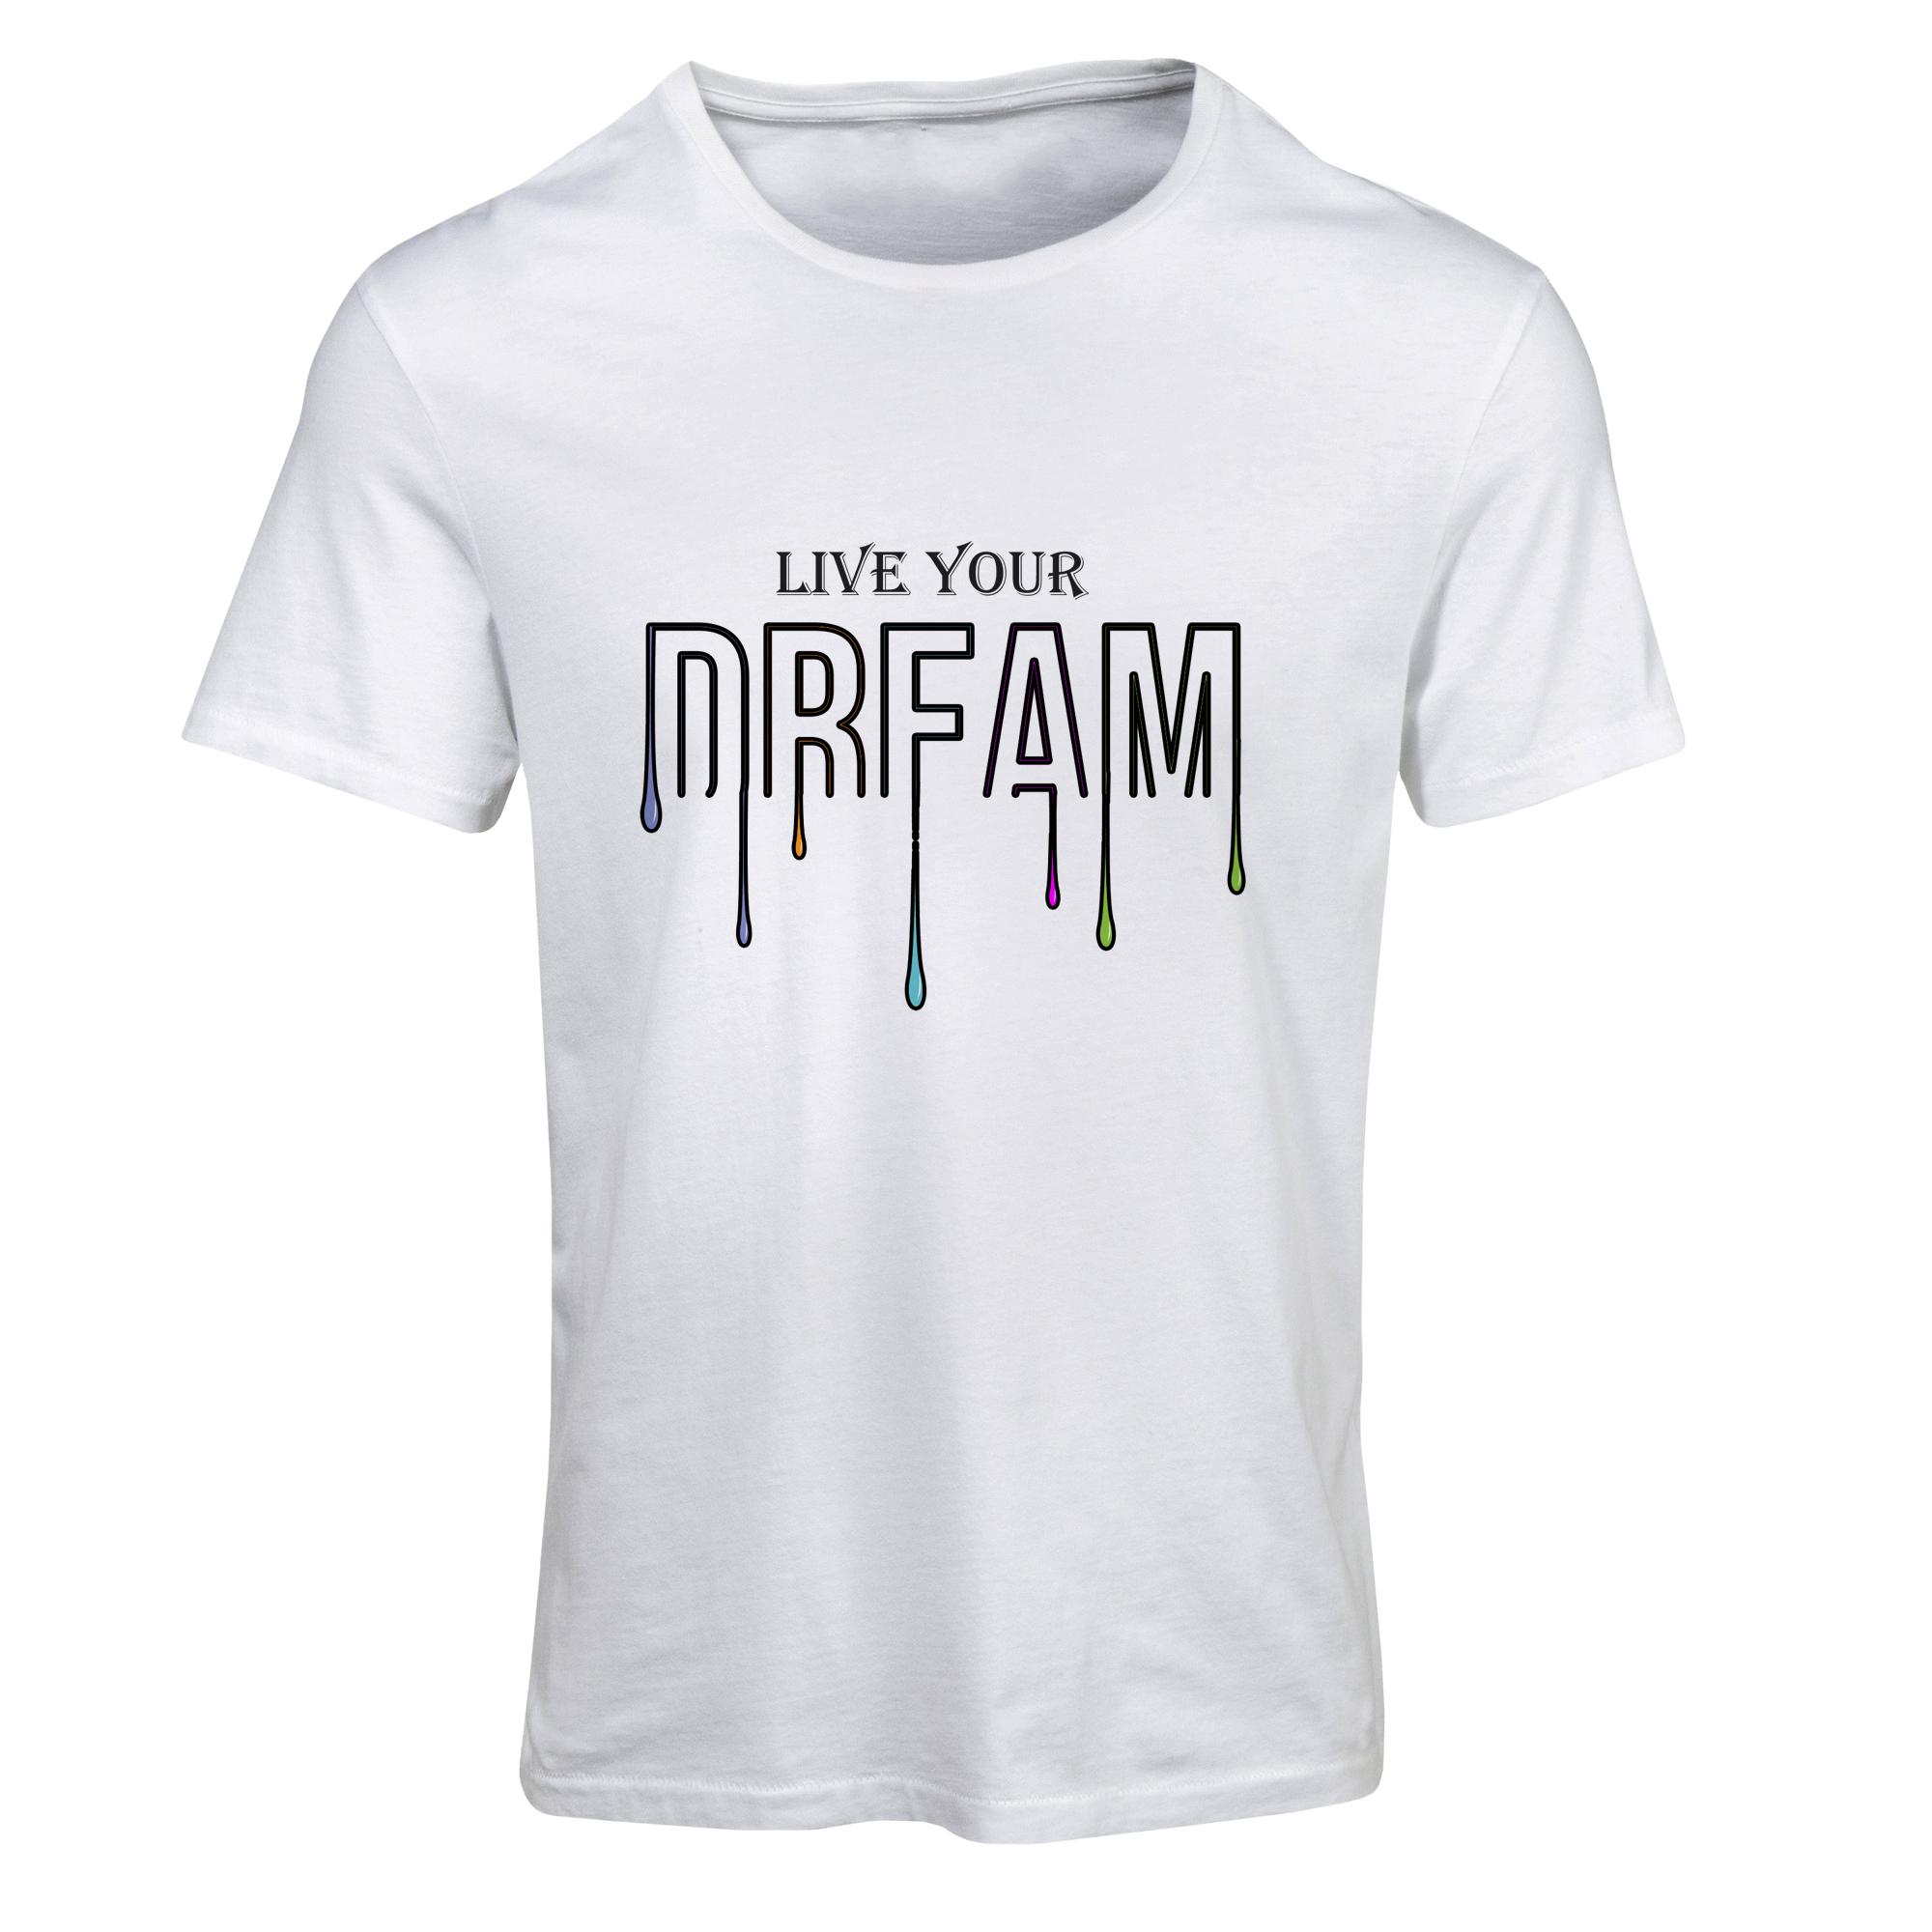 خرید تیشرت آستین کوتاه مردانه طرح دریم کد SW213 رنگ سفید